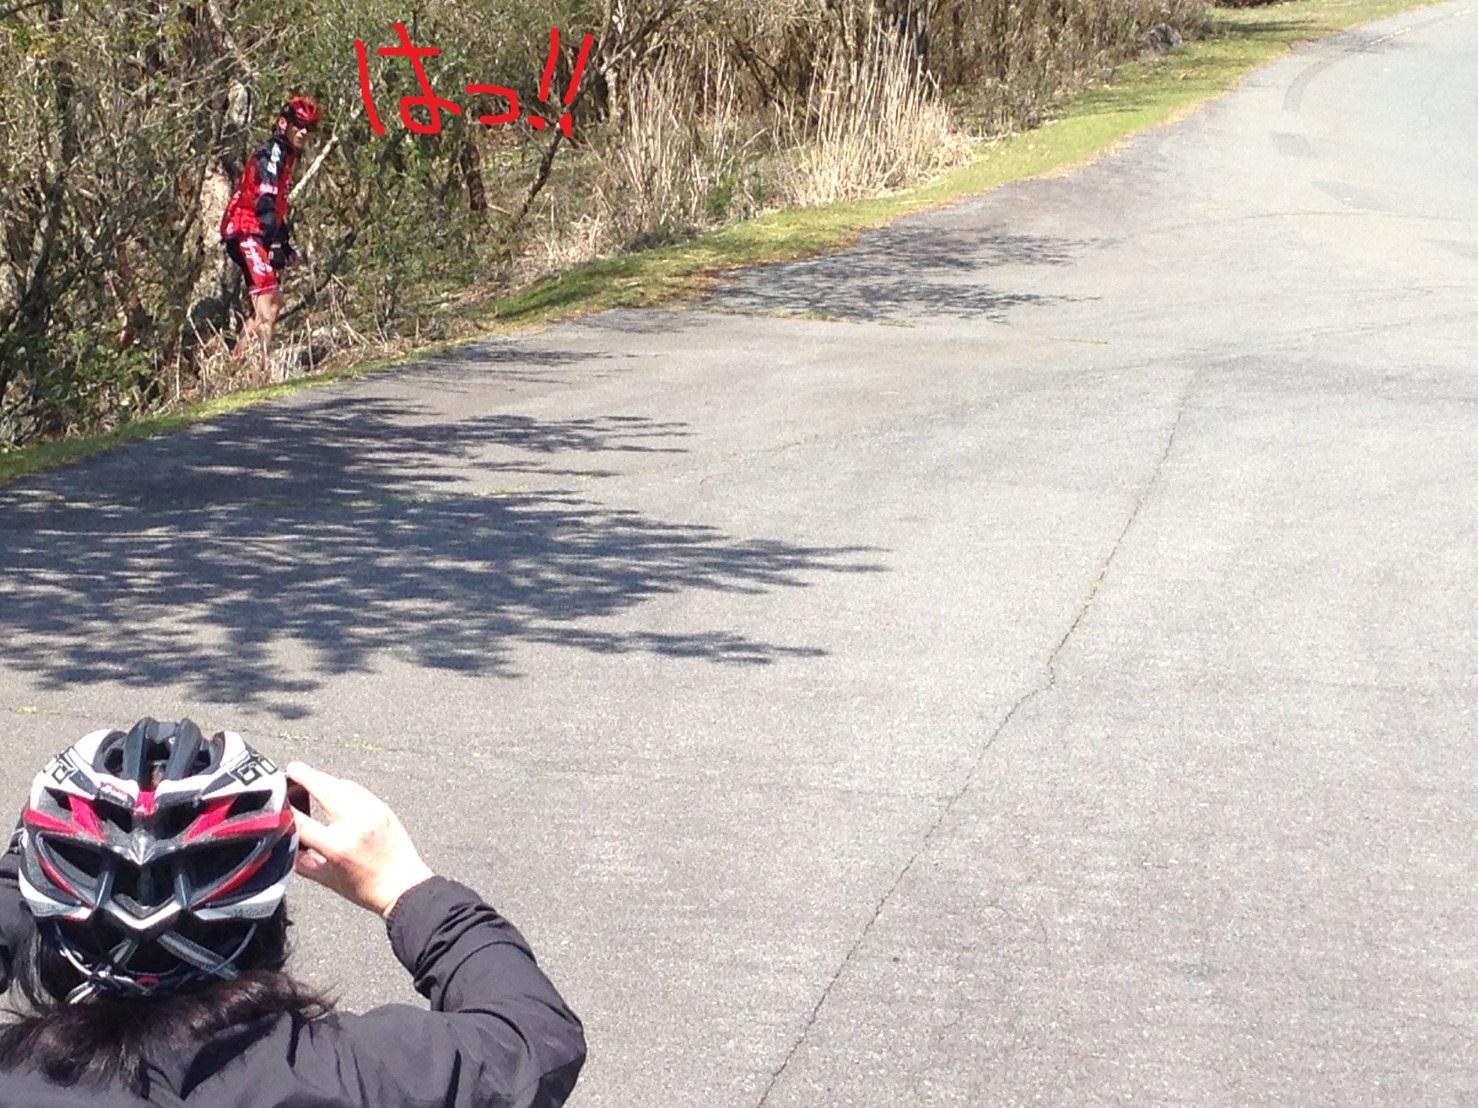 検証!!西伊豆スカイラインのんびり楽しいグルメポタリングに空気読めないガチアホハゲが参加するとどうなるのか!!??その1